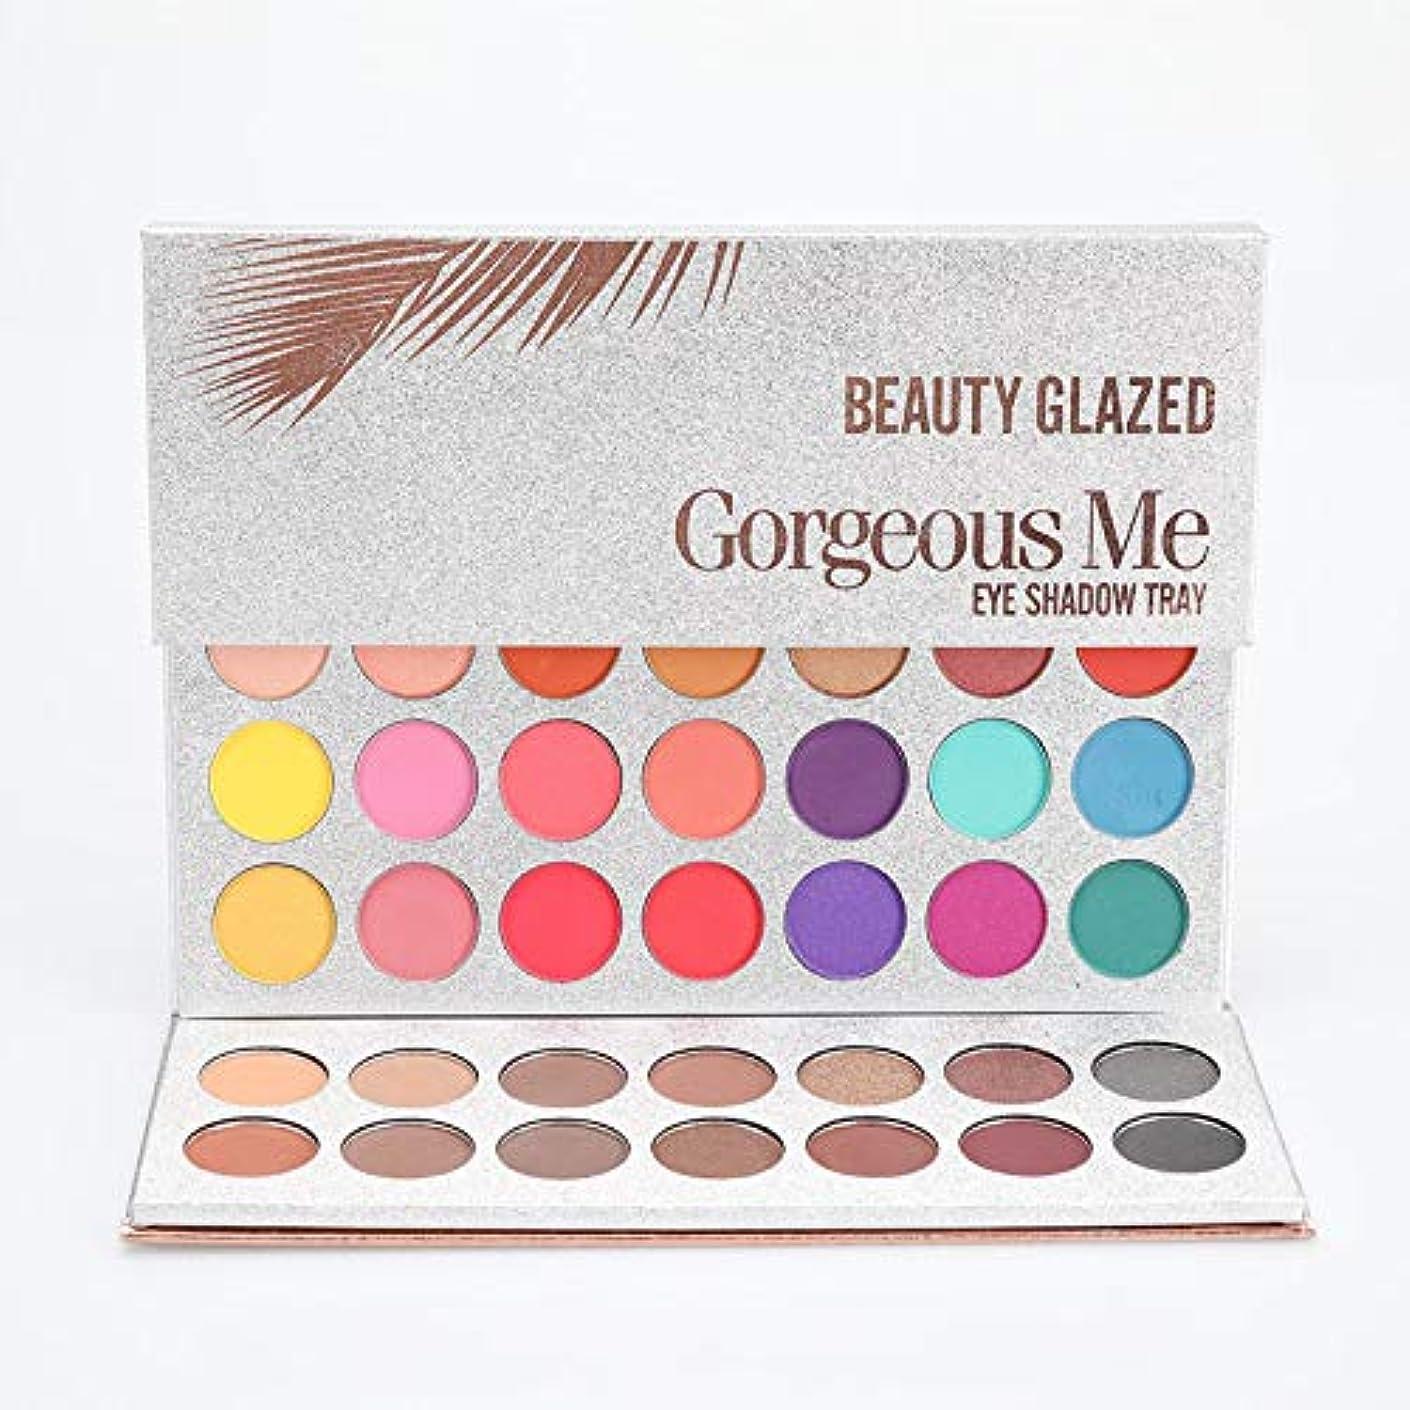 ピカリング避けられない机63 Color eyeshadow pallete Glitter Makeup Matte Eye shadow make up palette maquillage paleta de sombra 63色のアイシャドーパレエキラキラメイクアップマットアイシャドウメイクアップパレットマキアージュパレタデムブラブ